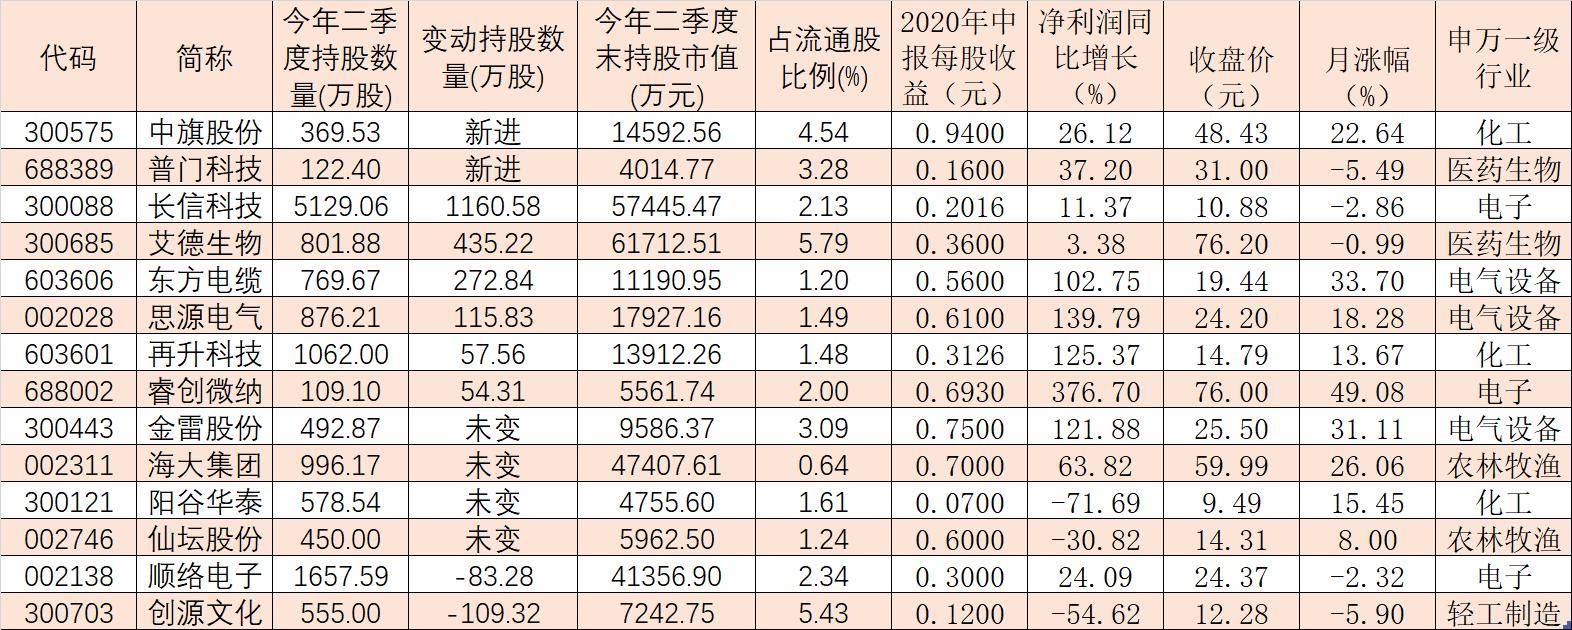 二季度社保基金持股抢先看!8家公司股票合计增持资金达7.50亿元